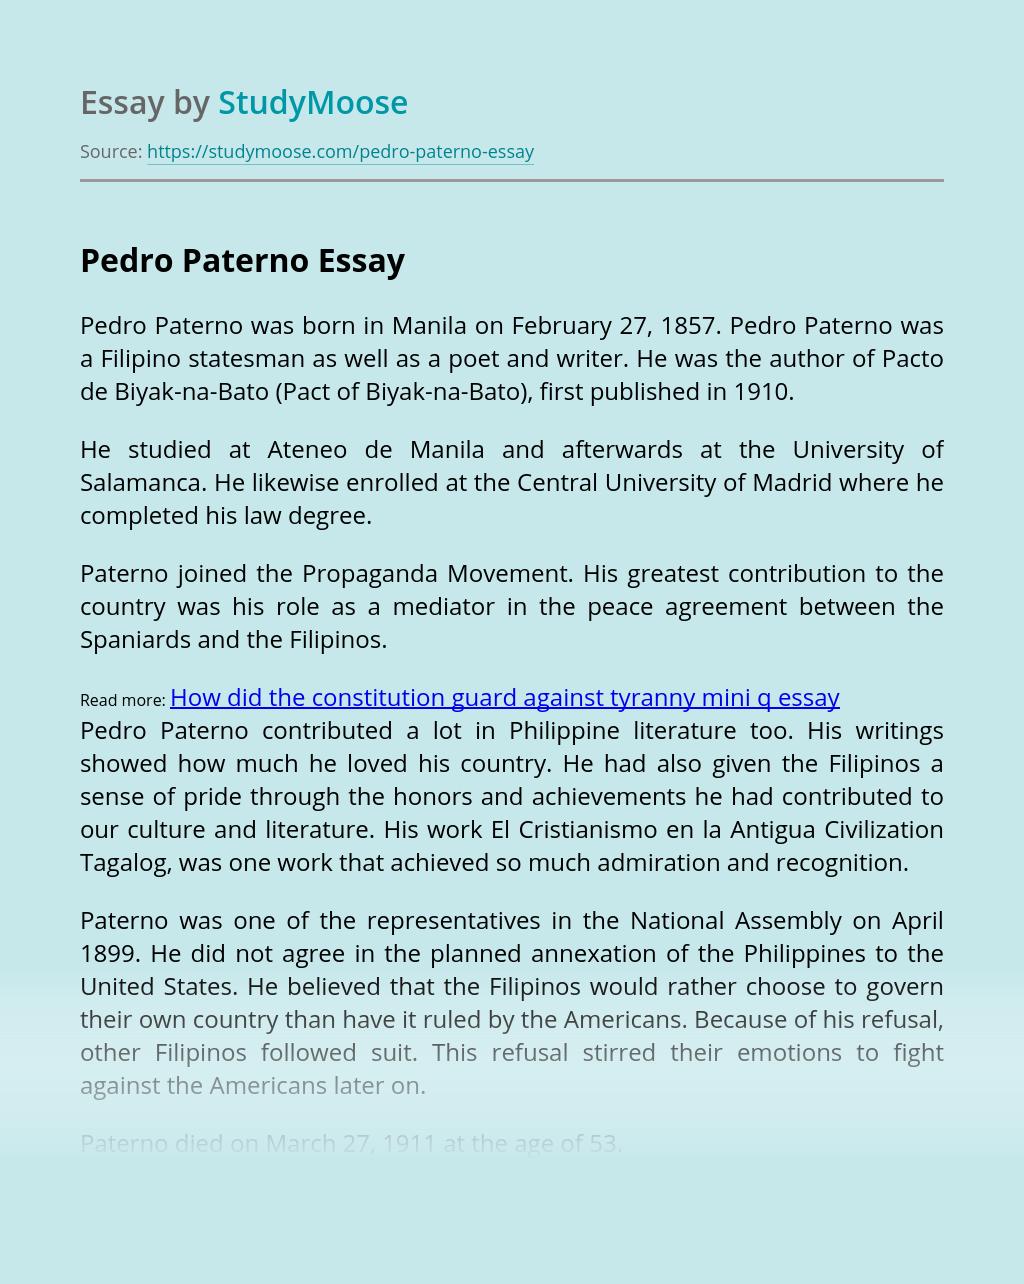 Pedro Paterno